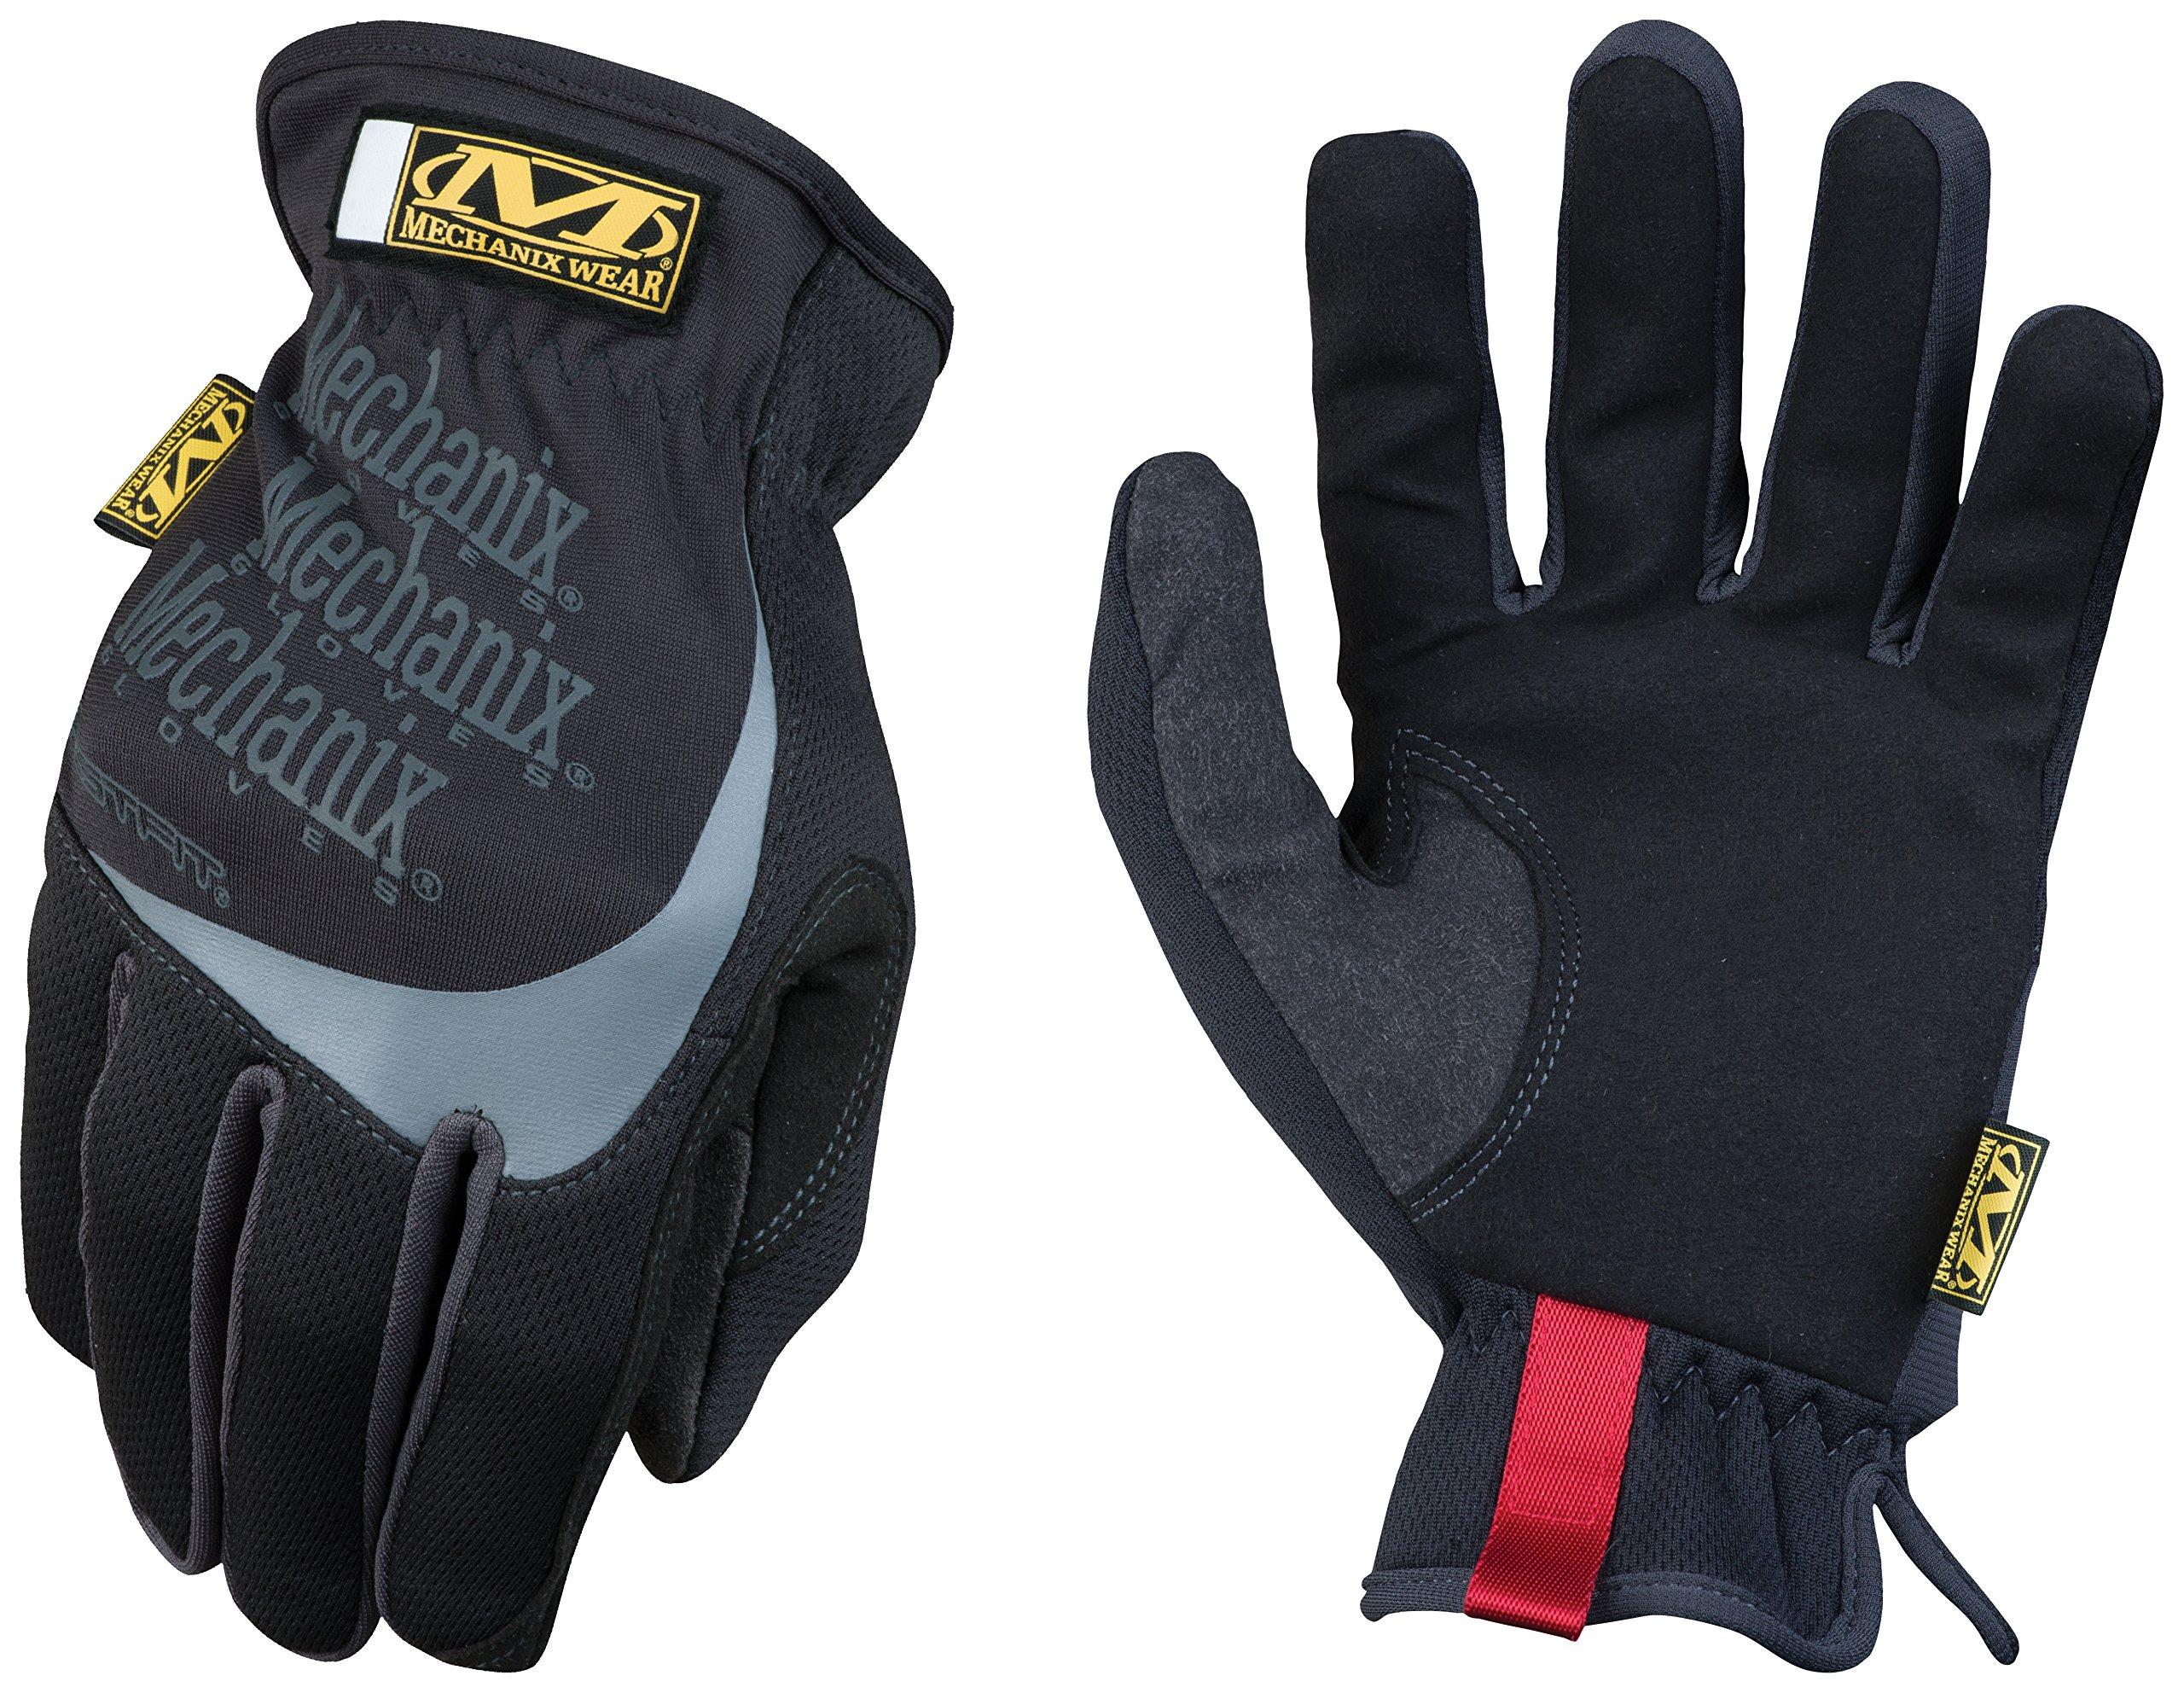 Mechanix Wear 185184 Slip-On Elastic-Cuff Mechanic's Glove Fast Fit Gloves, L by Mechanix Wear (Image #1)